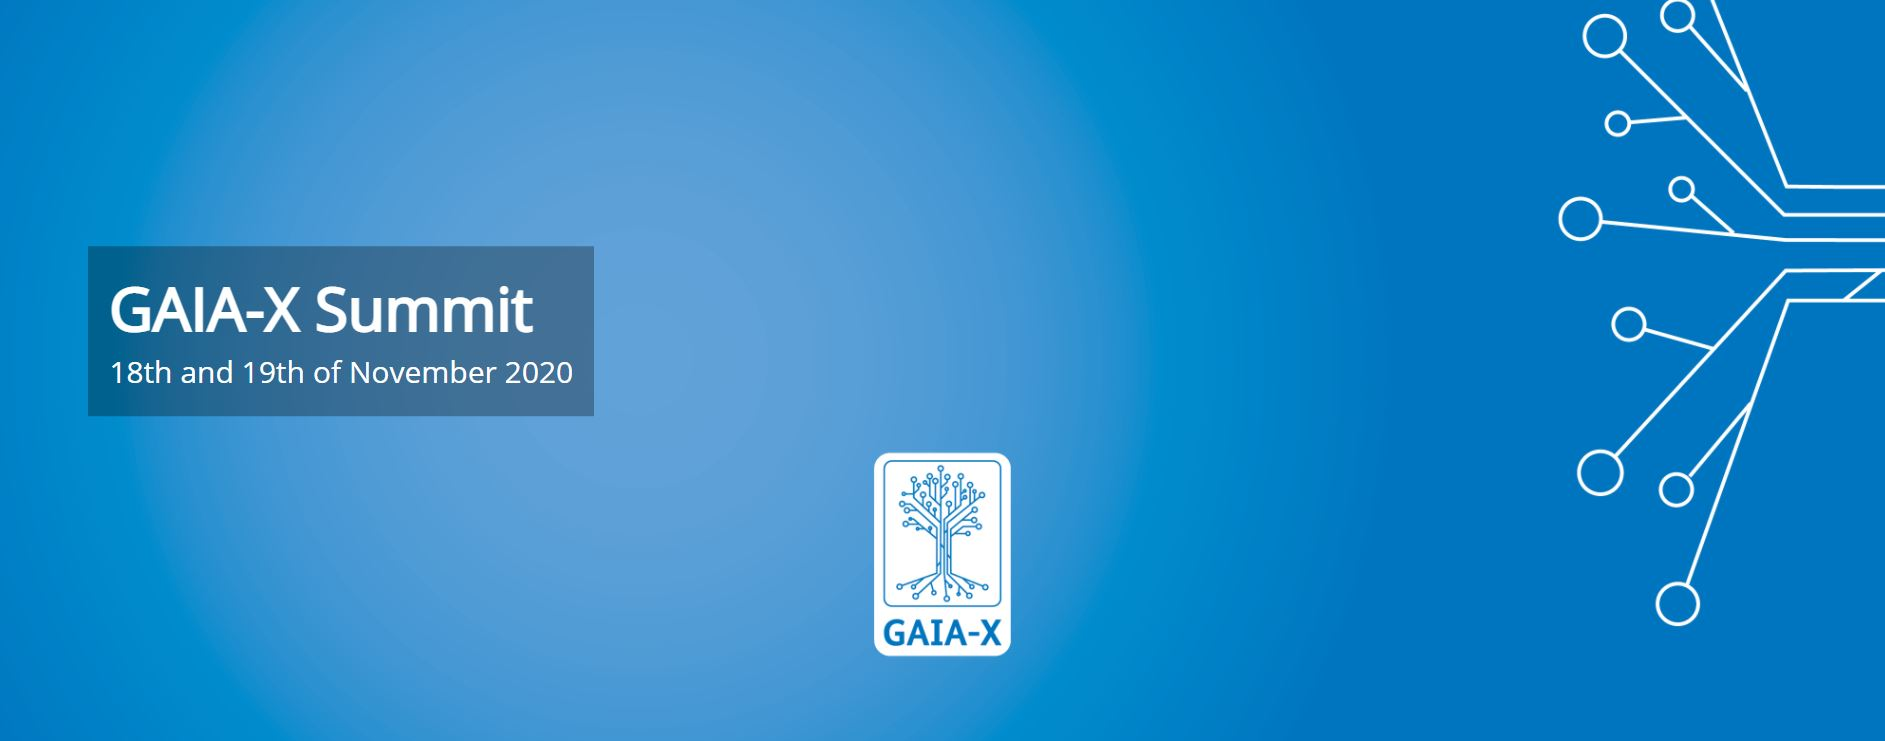 IRIDEOS Day-1 Member di GAIA-X